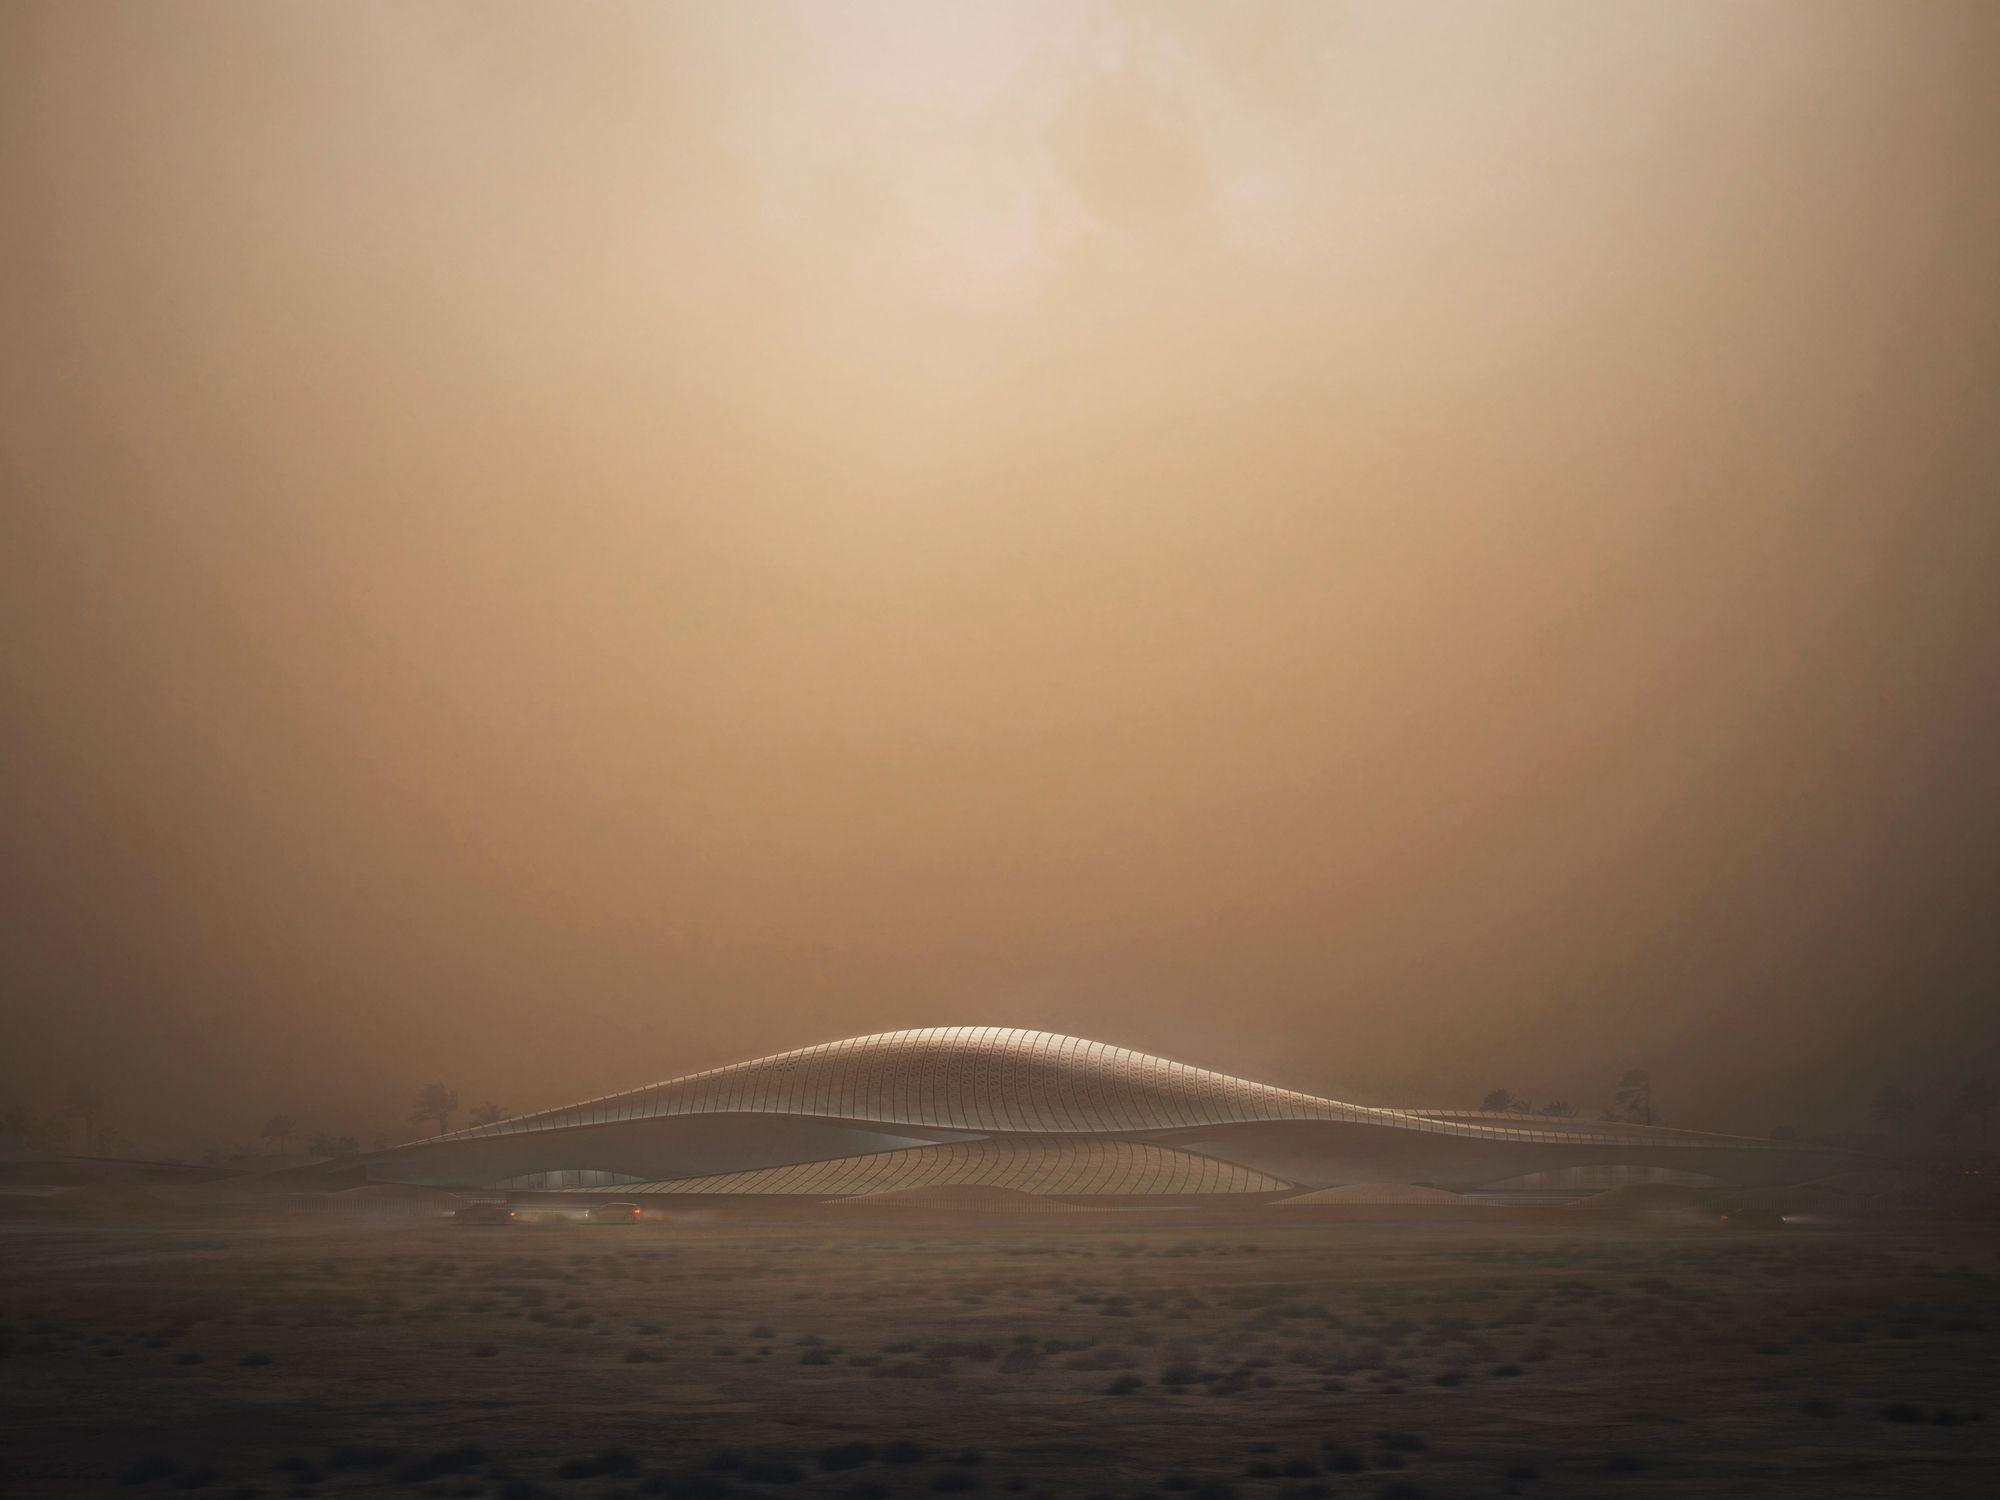 Zaha Hadid diseña la sede principal para Bee'ah inspirada en una duna